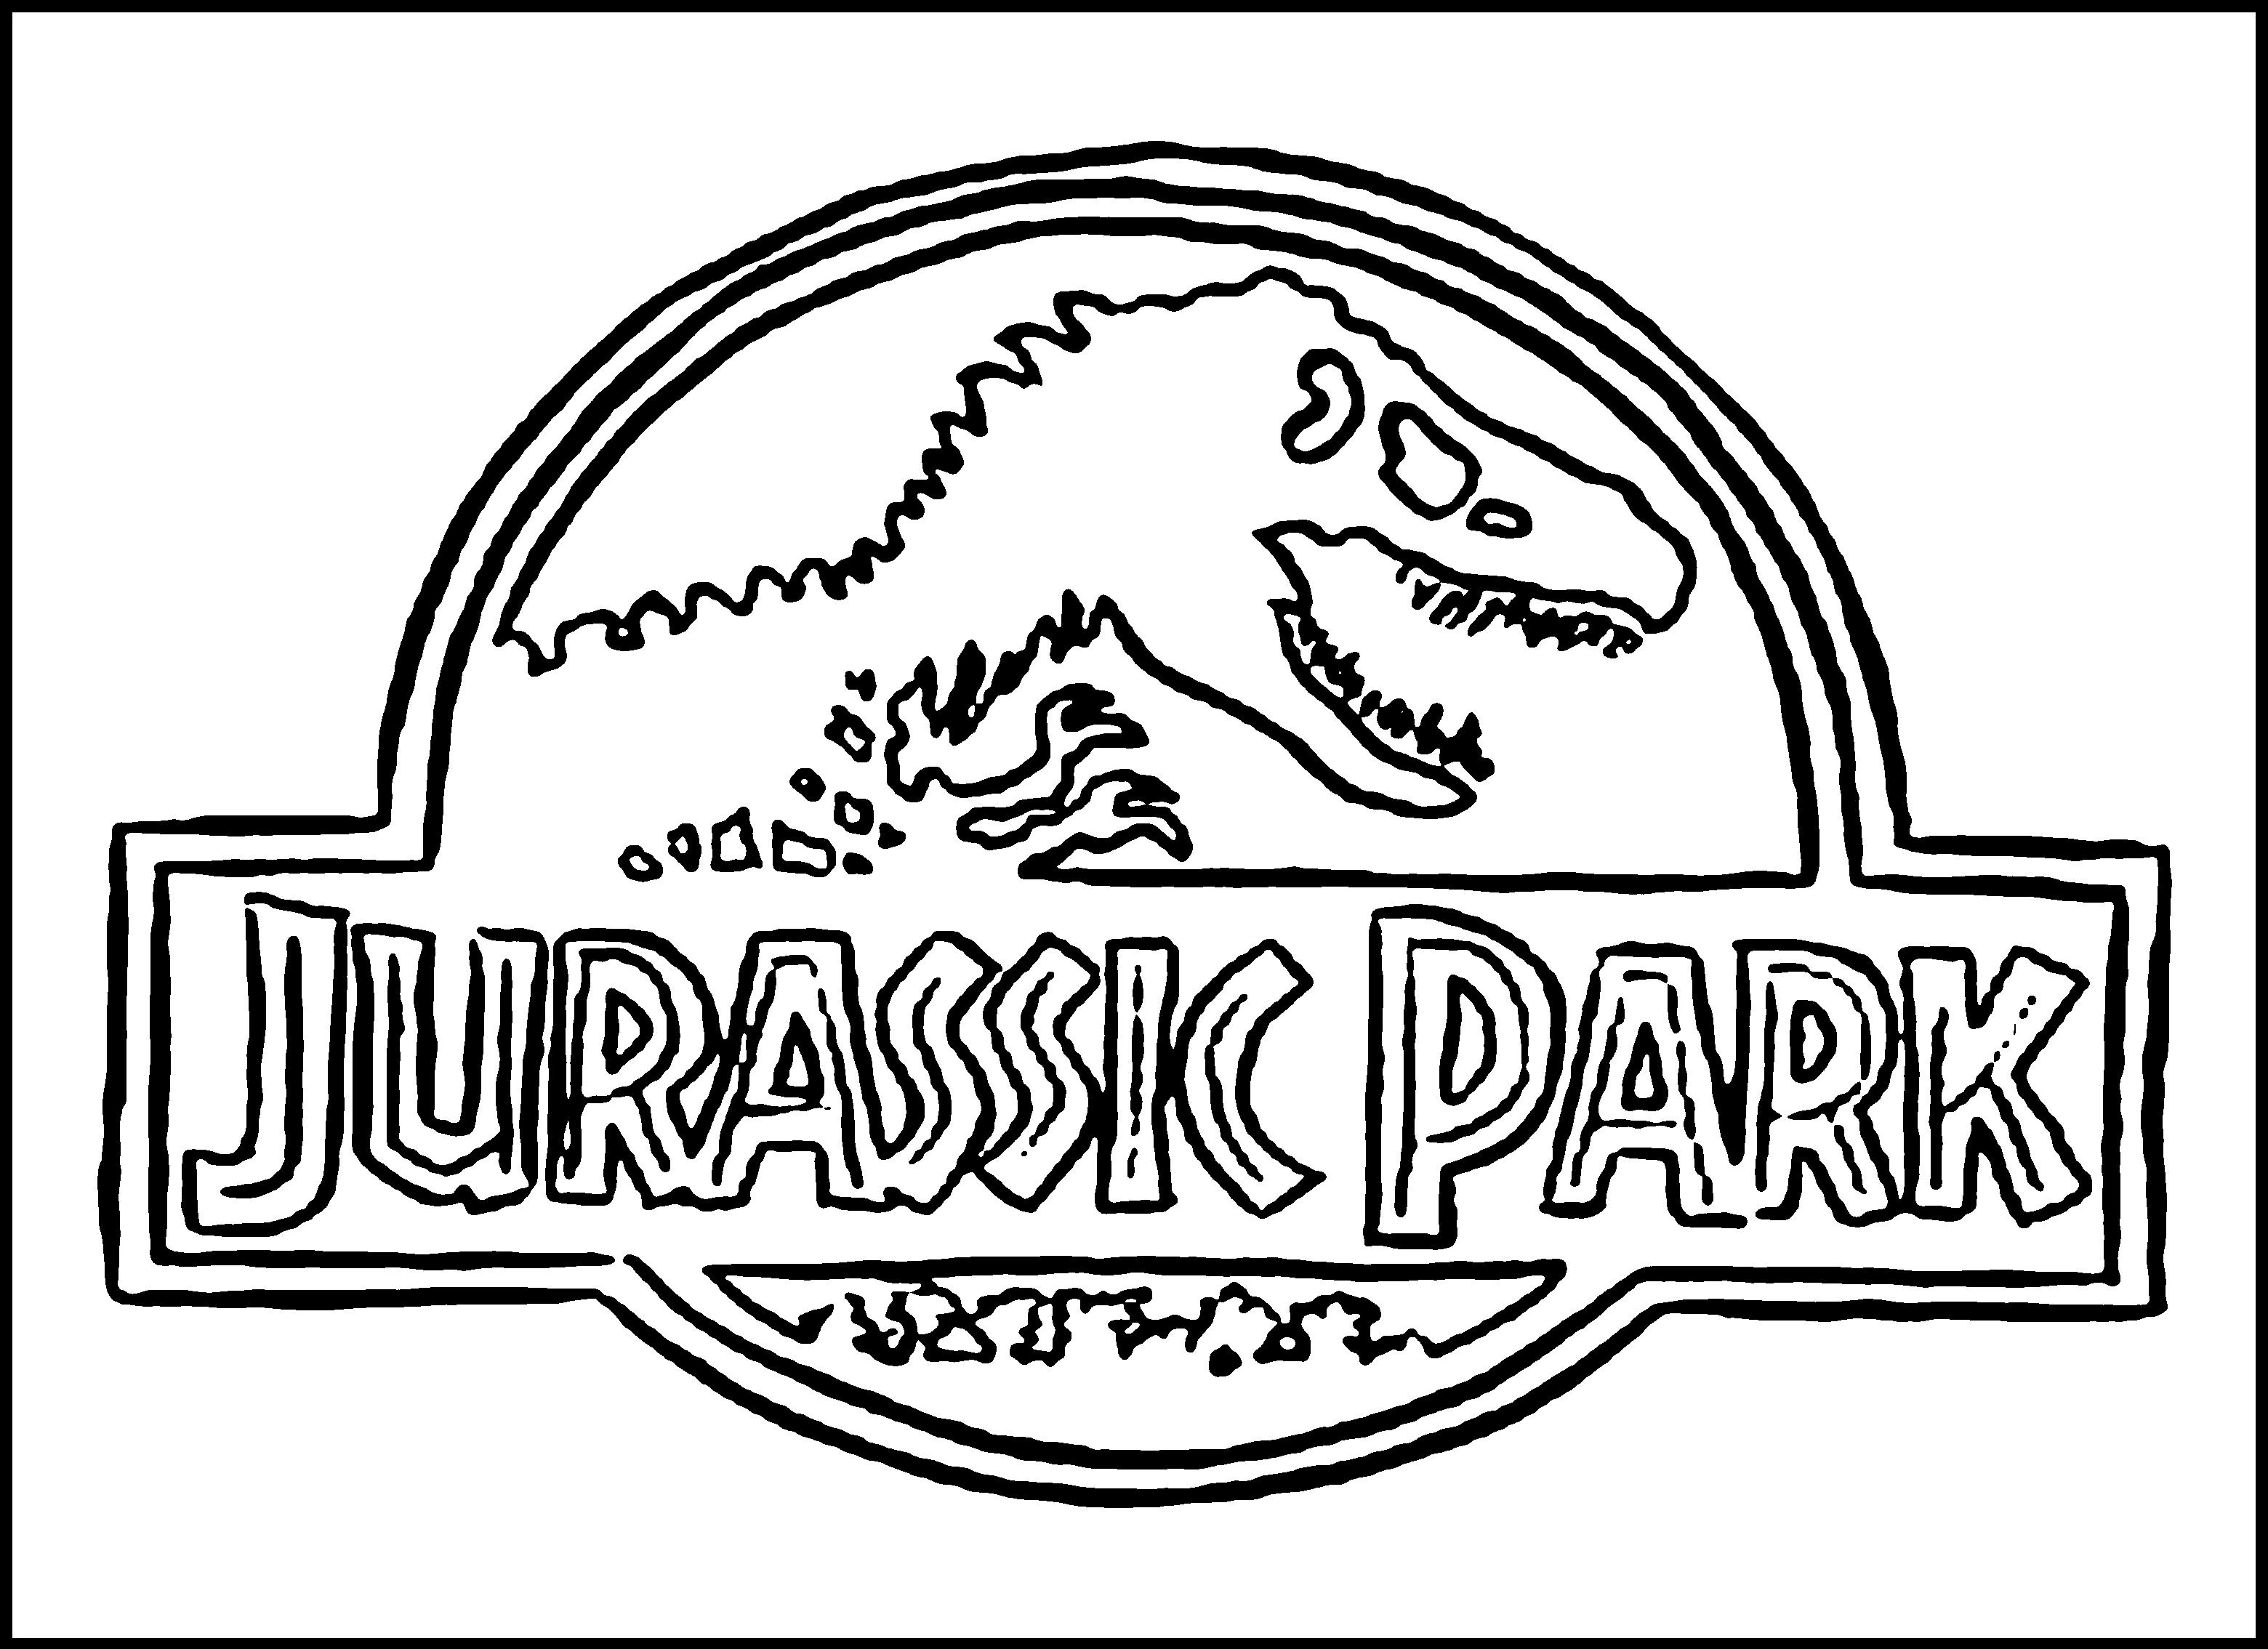 Ausmalbilder Jurassic World, Dinosaurier, Indominus Rex ...